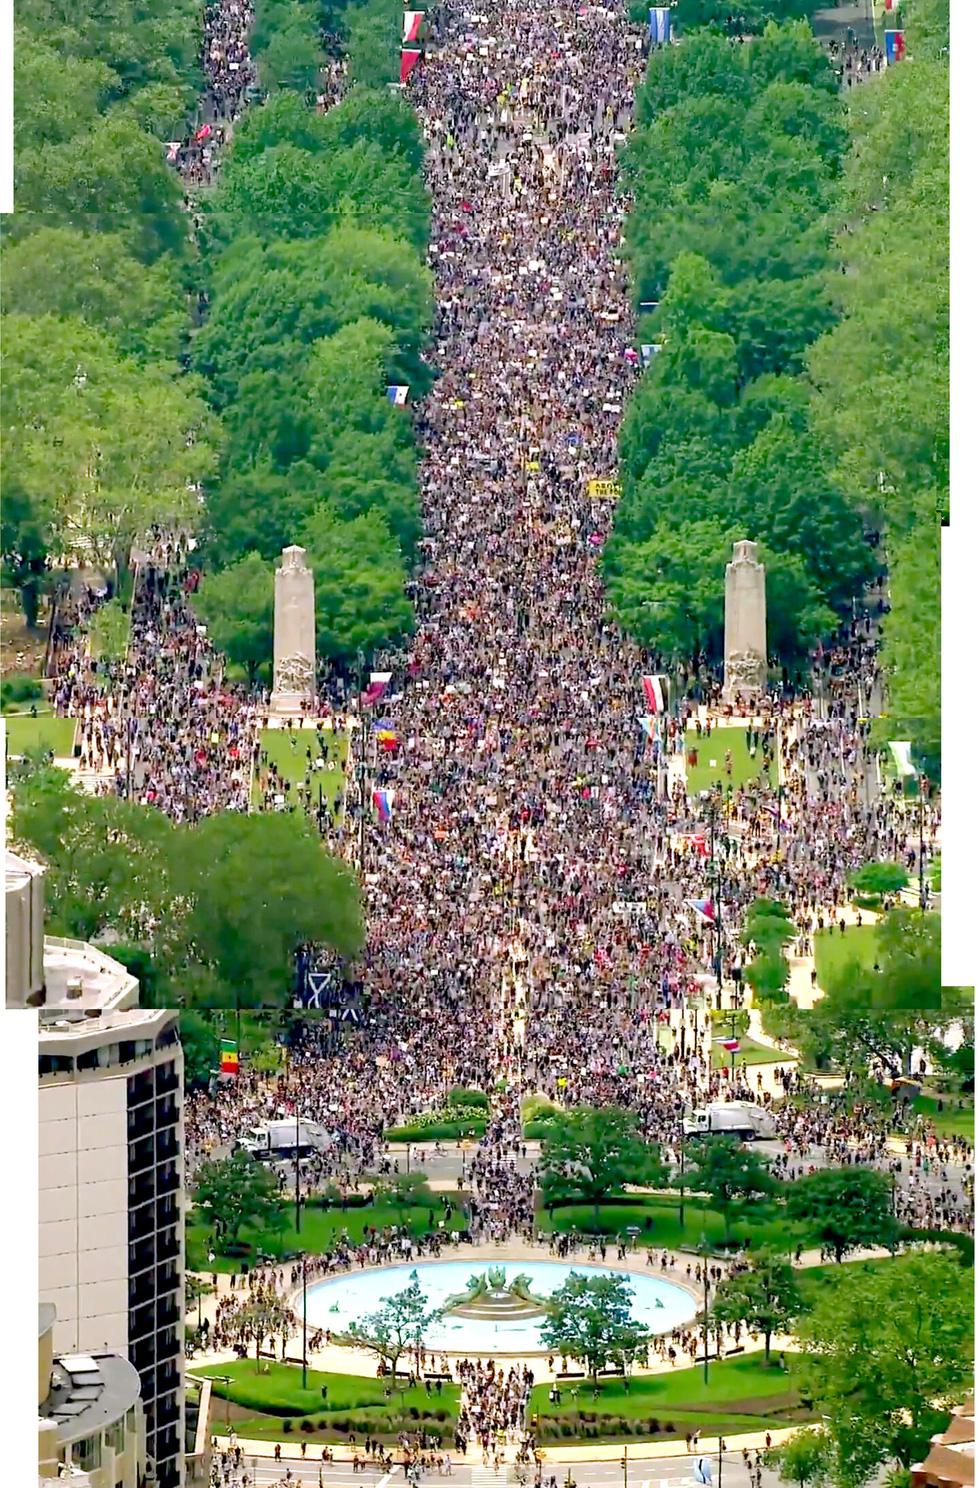 Bất chấp nguy cơ dịch lây lan, biểu tình vẫn lan rộng ở Mỹ và nhiều nước - Ảnh 3.